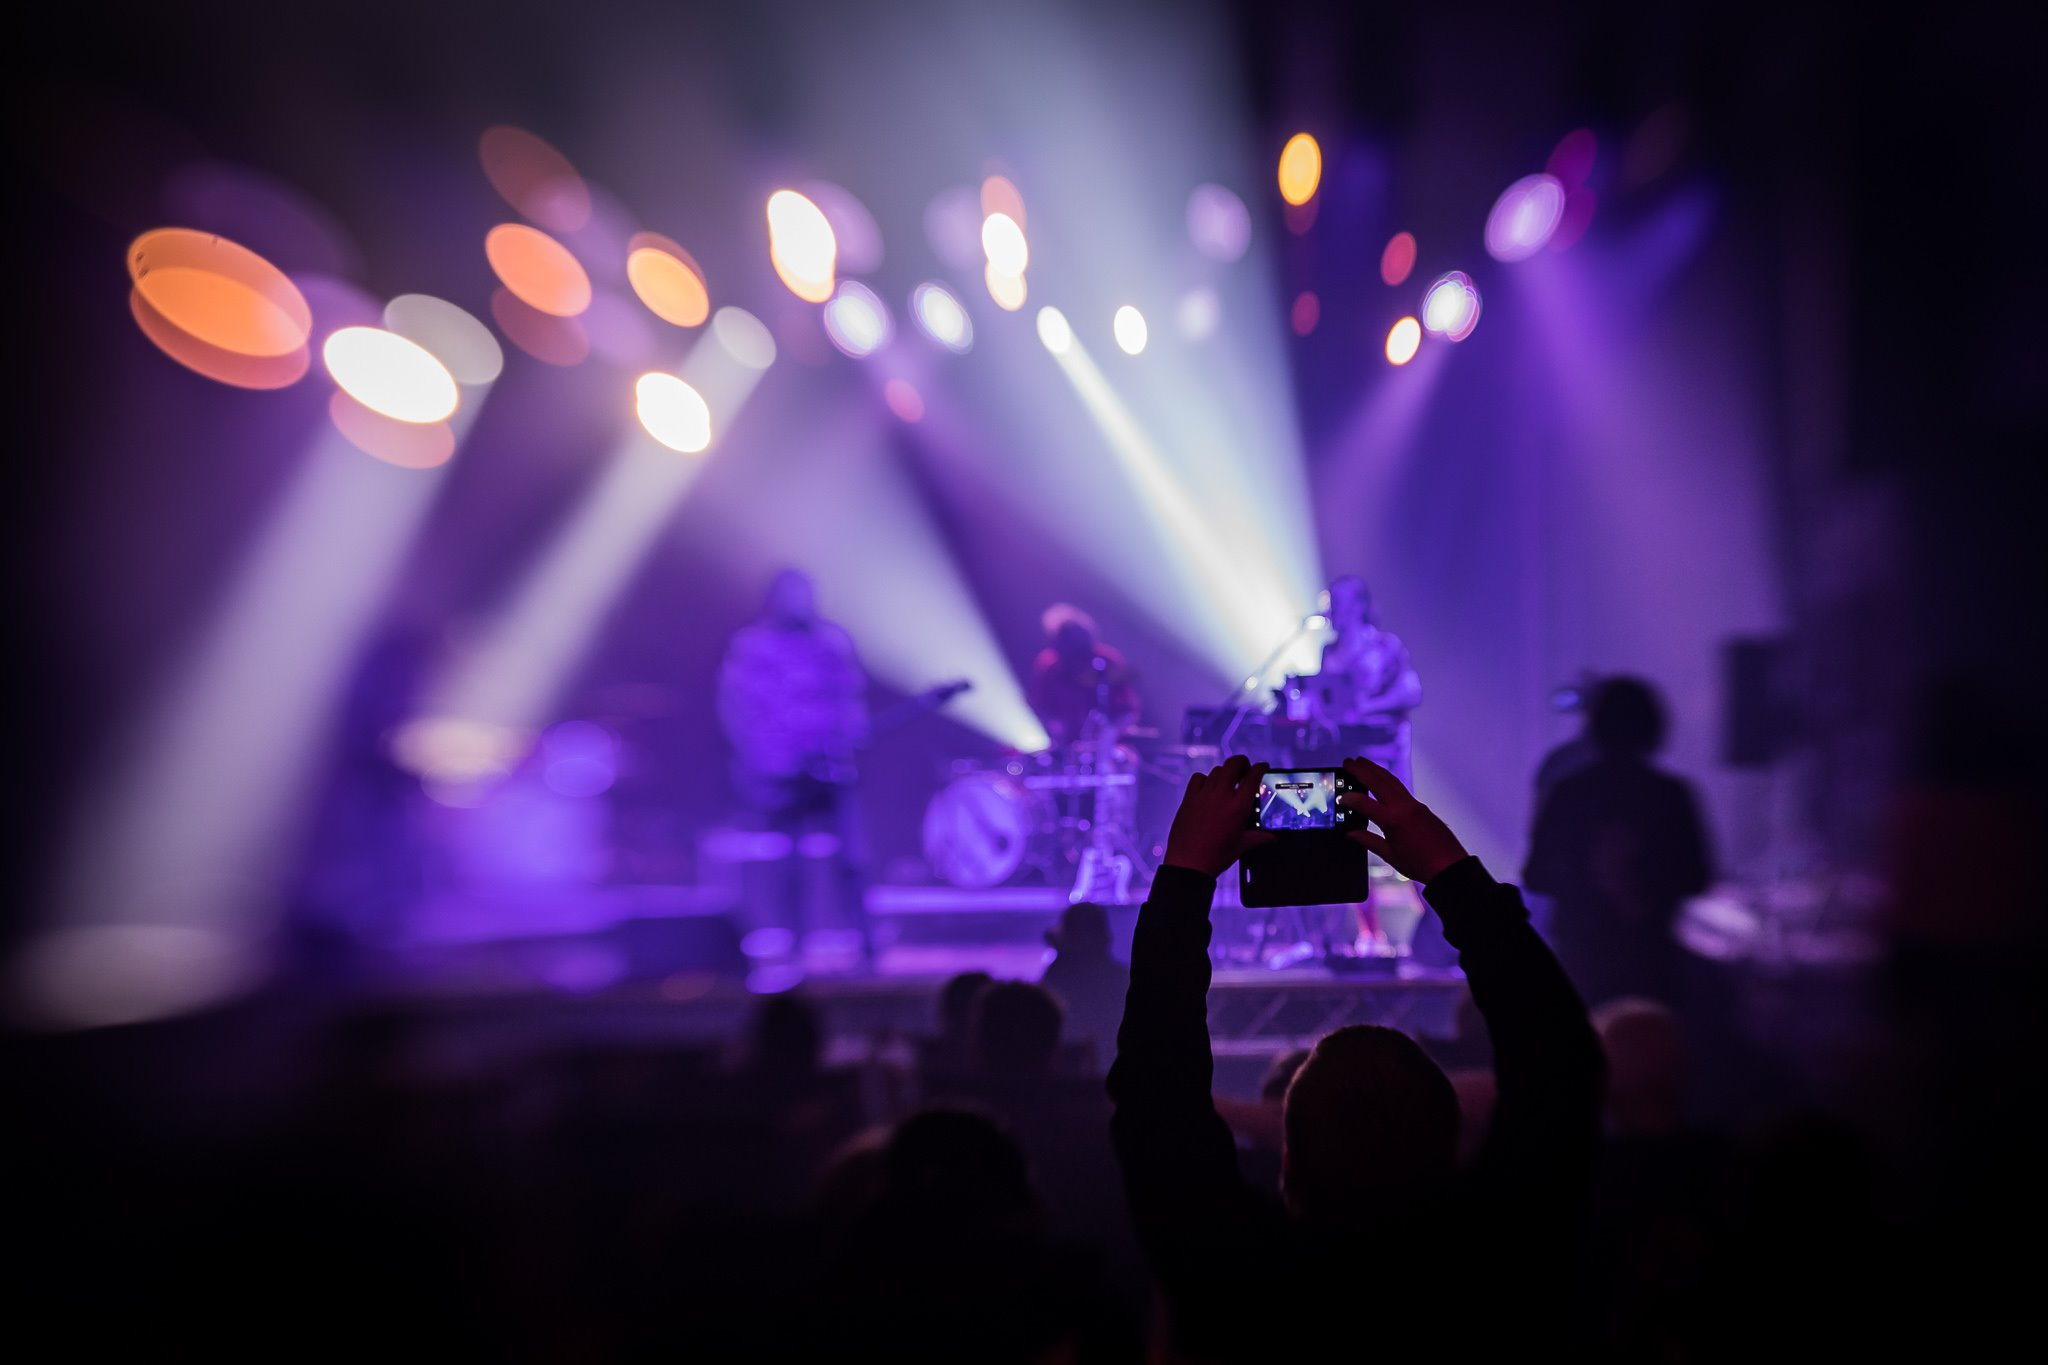 [Zdjęcie z koncertu. W centrum zdjęcia widać wyraźną sylwetkę mężczyzny stojącego między rozmytą publicznością. Mężczyzna ma podniesione do góry ręce i trzyma w dłoniach telefon. Nagrywa występujący na scenie zespół. W tle widać także lekko rozmyty grający na scenie zespół. Można wyróżnić sylwetki mężczyzn grających na gitarze, perkusji oraz keybordzie. Ośweitleni są fioletowym światłem.]